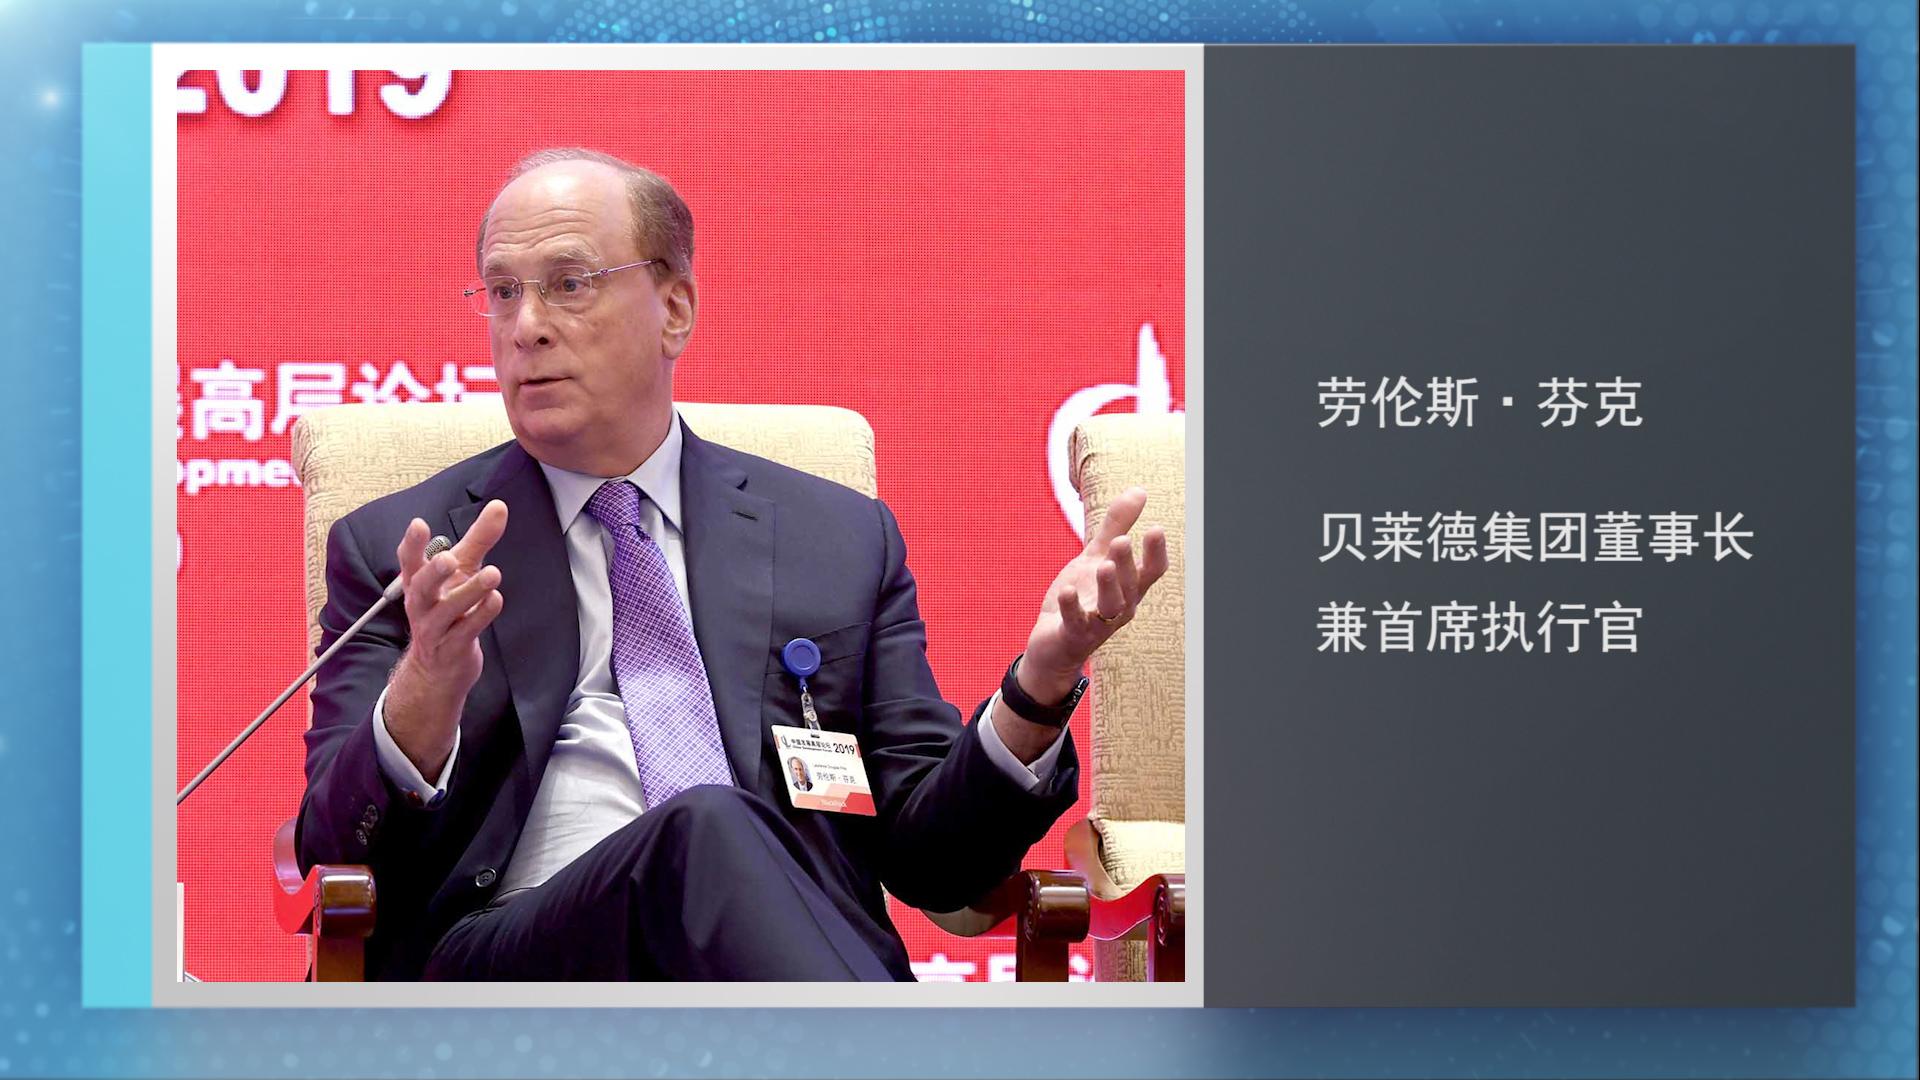 劳伦斯·芬克:成功的投资是关注有使命感的企业